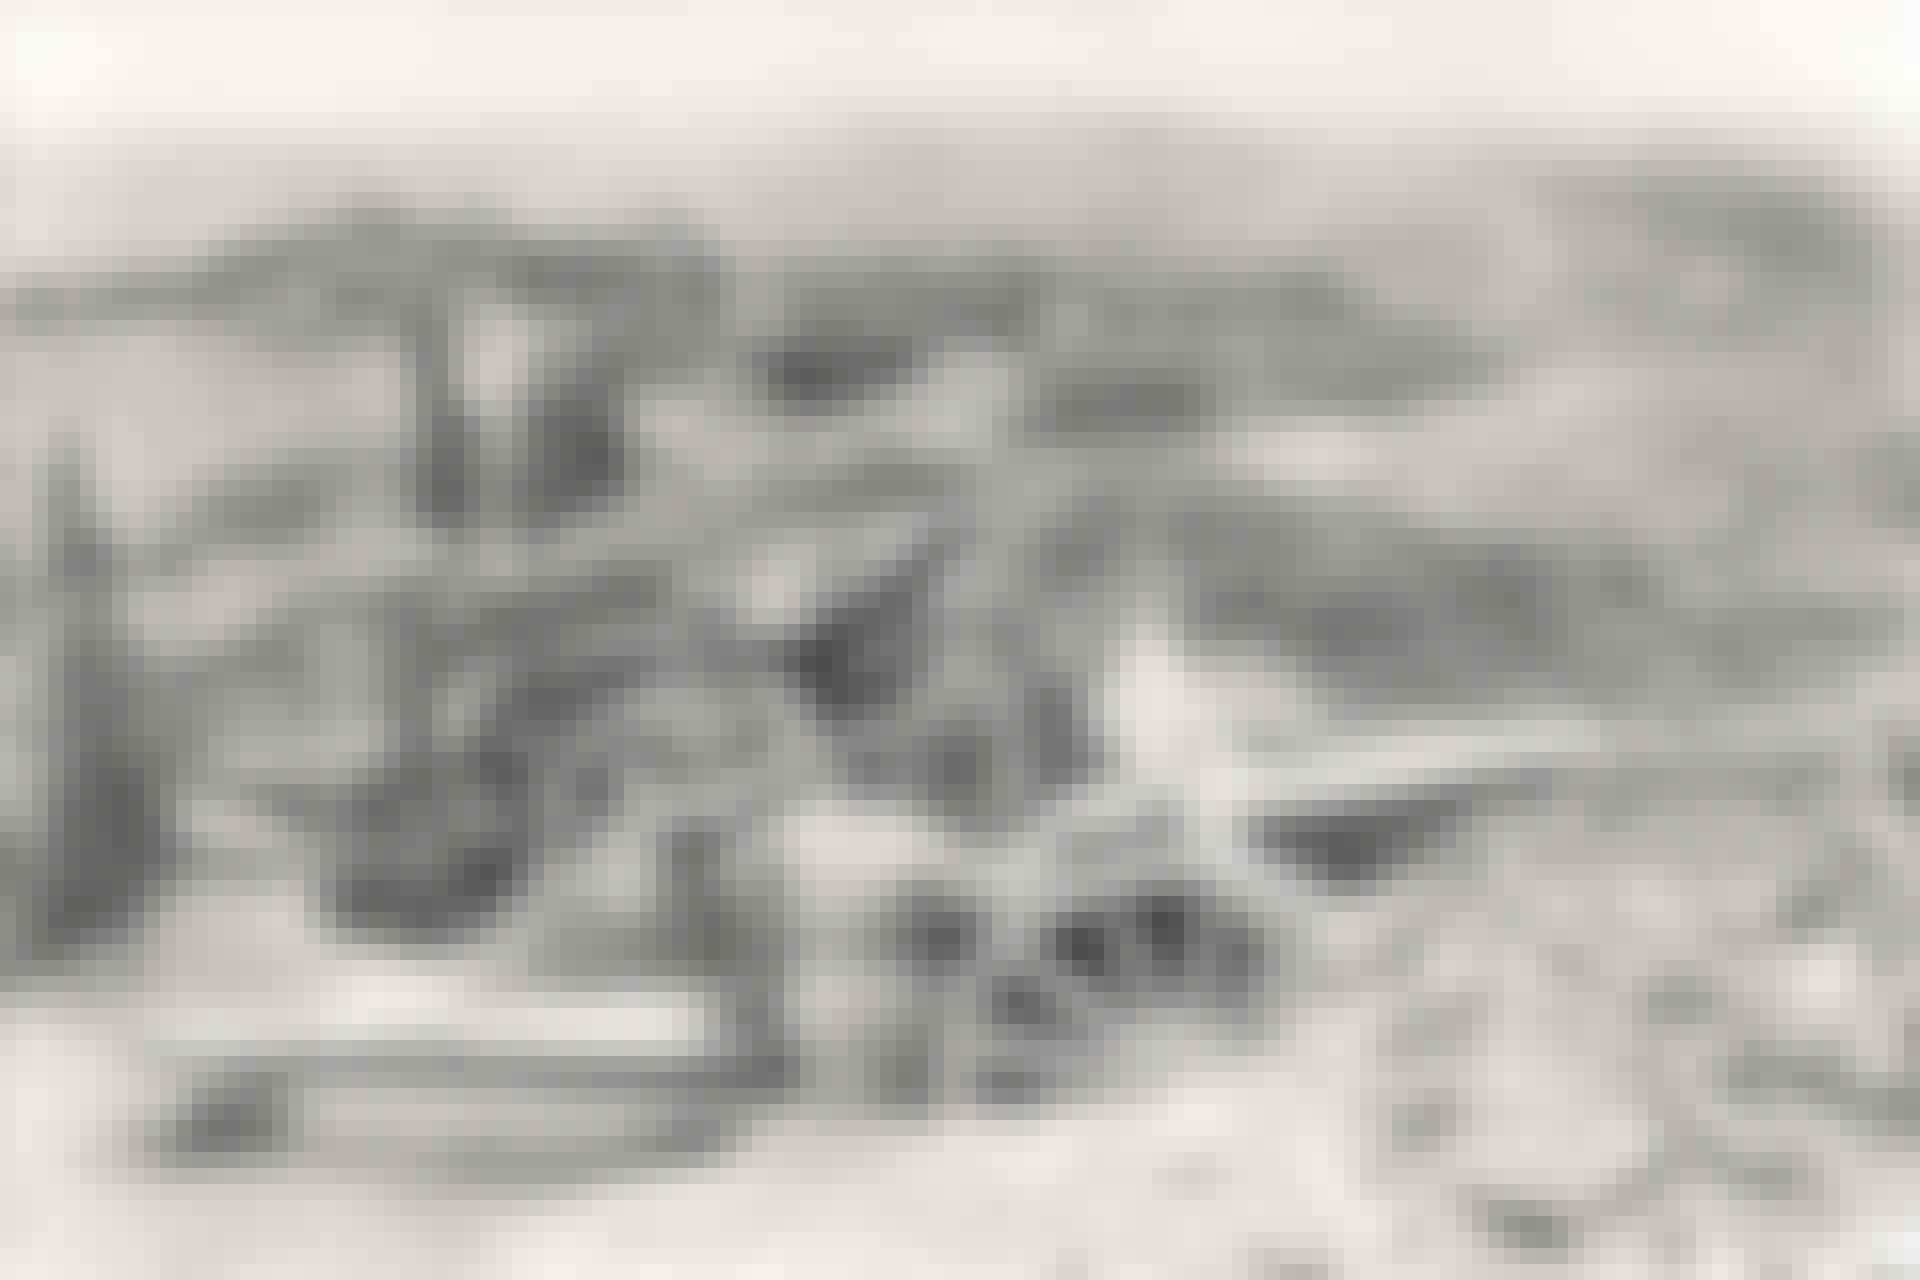 Första Balkankriget. Bulgariskt artilleri utanför Adrianopel.